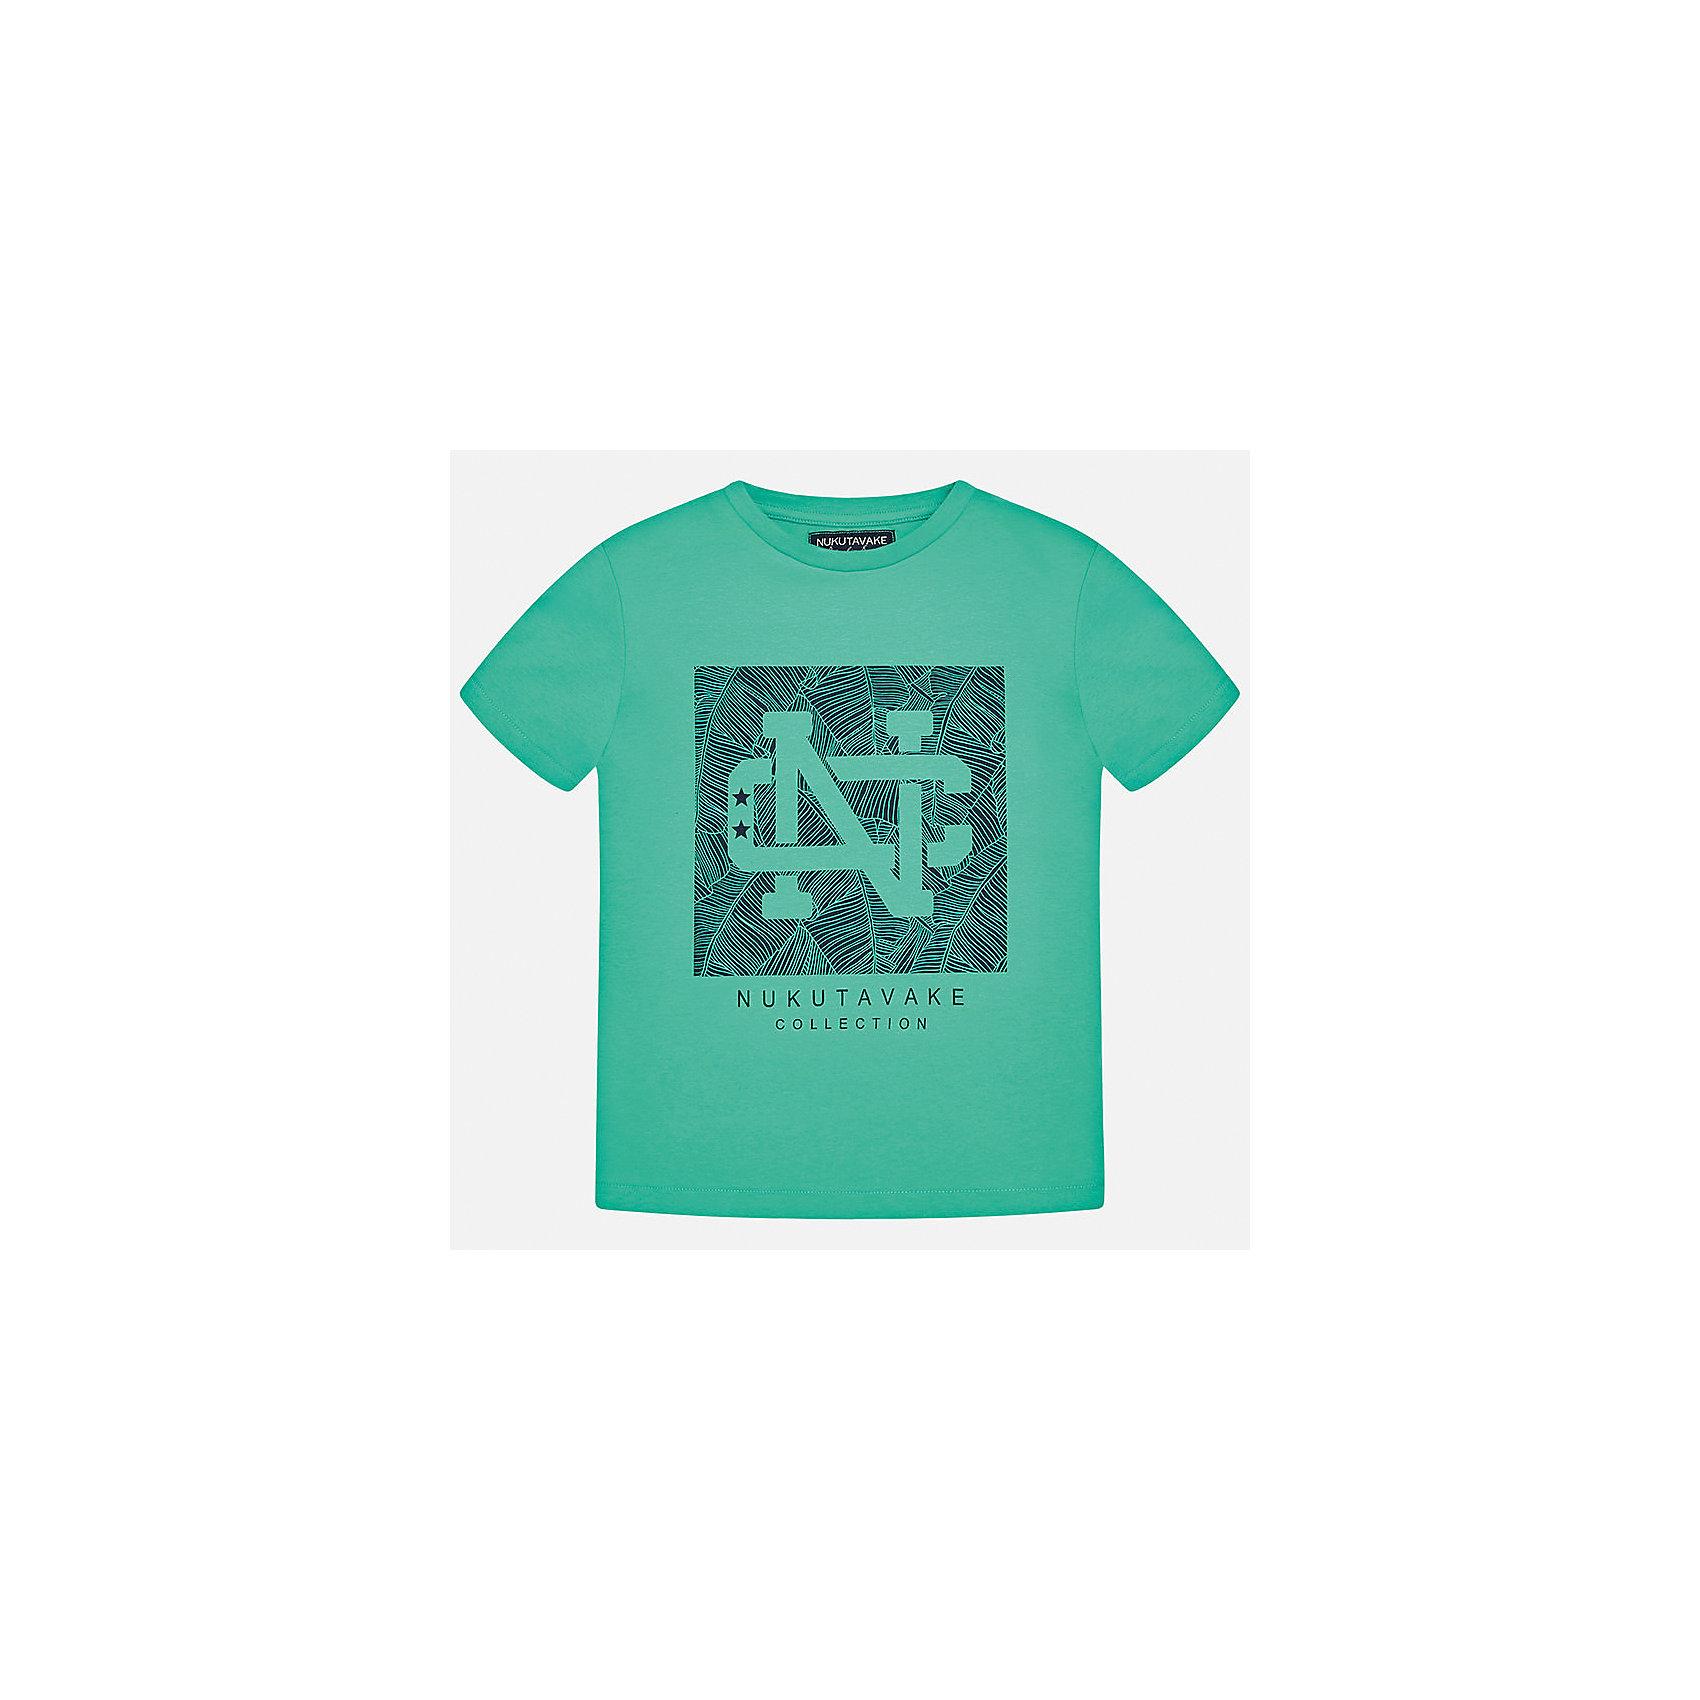 Футболка для мальчика MayoralФутболки, поло и топы<br>Характеристики товара:<br><br>• цвет: зеленый<br>• состав: 100% хлопок<br>• круглый горловой вырез<br>• декорирована принтом<br>• короткие рукава<br>• отделка горловины<br>• страна бренда: Испания<br><br>Стильная удобная футболка с принтом поможет разнообразить гардероб мальчика. Она отлично сочетается с брюками, шортами, джинсами. Универсальный крой и цвет позволяет подобрать к вещи низ разных расцветок. Практичное и стильное изделие! Хорошо смотрится и комфортно сидит на детях. В составе материала - натуральный хлопок, гипоаллергенный, приятный на ощупь, дышащий. <br><br>Одежда, обувь и аксессуары от испанского бренда Mayoral полюбились детям и взрослым по всему миру. Модели этой марки - стильные и удобные. Для их производства используются только безопасные, качественные материалы и фурнитура. Порадуйте ребенка модными и красивыми вещами от Mayoral! <br><br>Футболку для мальчика от испанского бренда Mayoral (Майорал) можно купить в нашем интернет-магазине.<br><br>Ширина мм: 199<br>Глубина мм: 10<br>Высота мм: 161<br>Вес г: 151<br>Цвет: зеленый<br>Возраст от месяцев: 84<br>Возраст до месяцев: 96<br>Пол: Мужской<br>Возраст: Детский<br>Размер: 128/134,152,164,170,158,140<br>SKU: 5278279